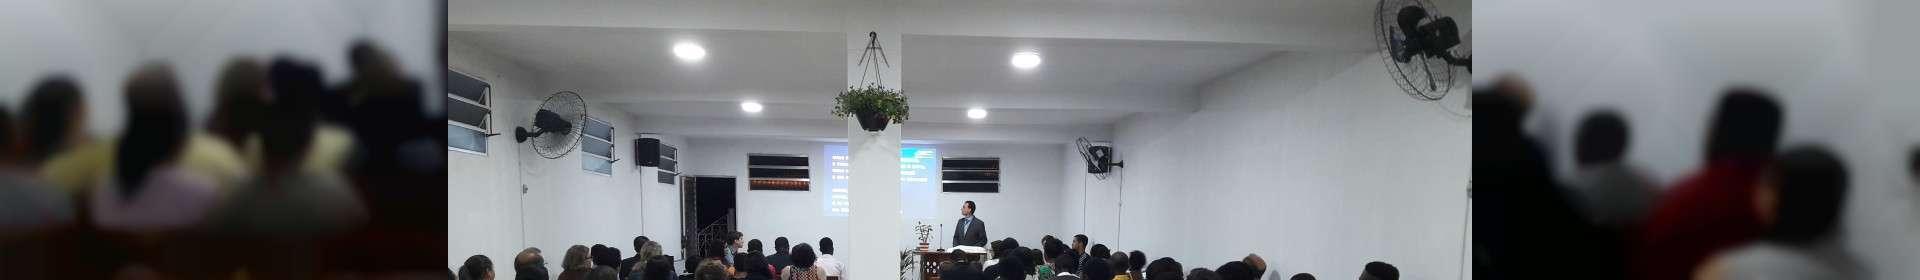 Igreja Cristã Maranata de Jarinu (SP) e haitianos participam de uma ceia